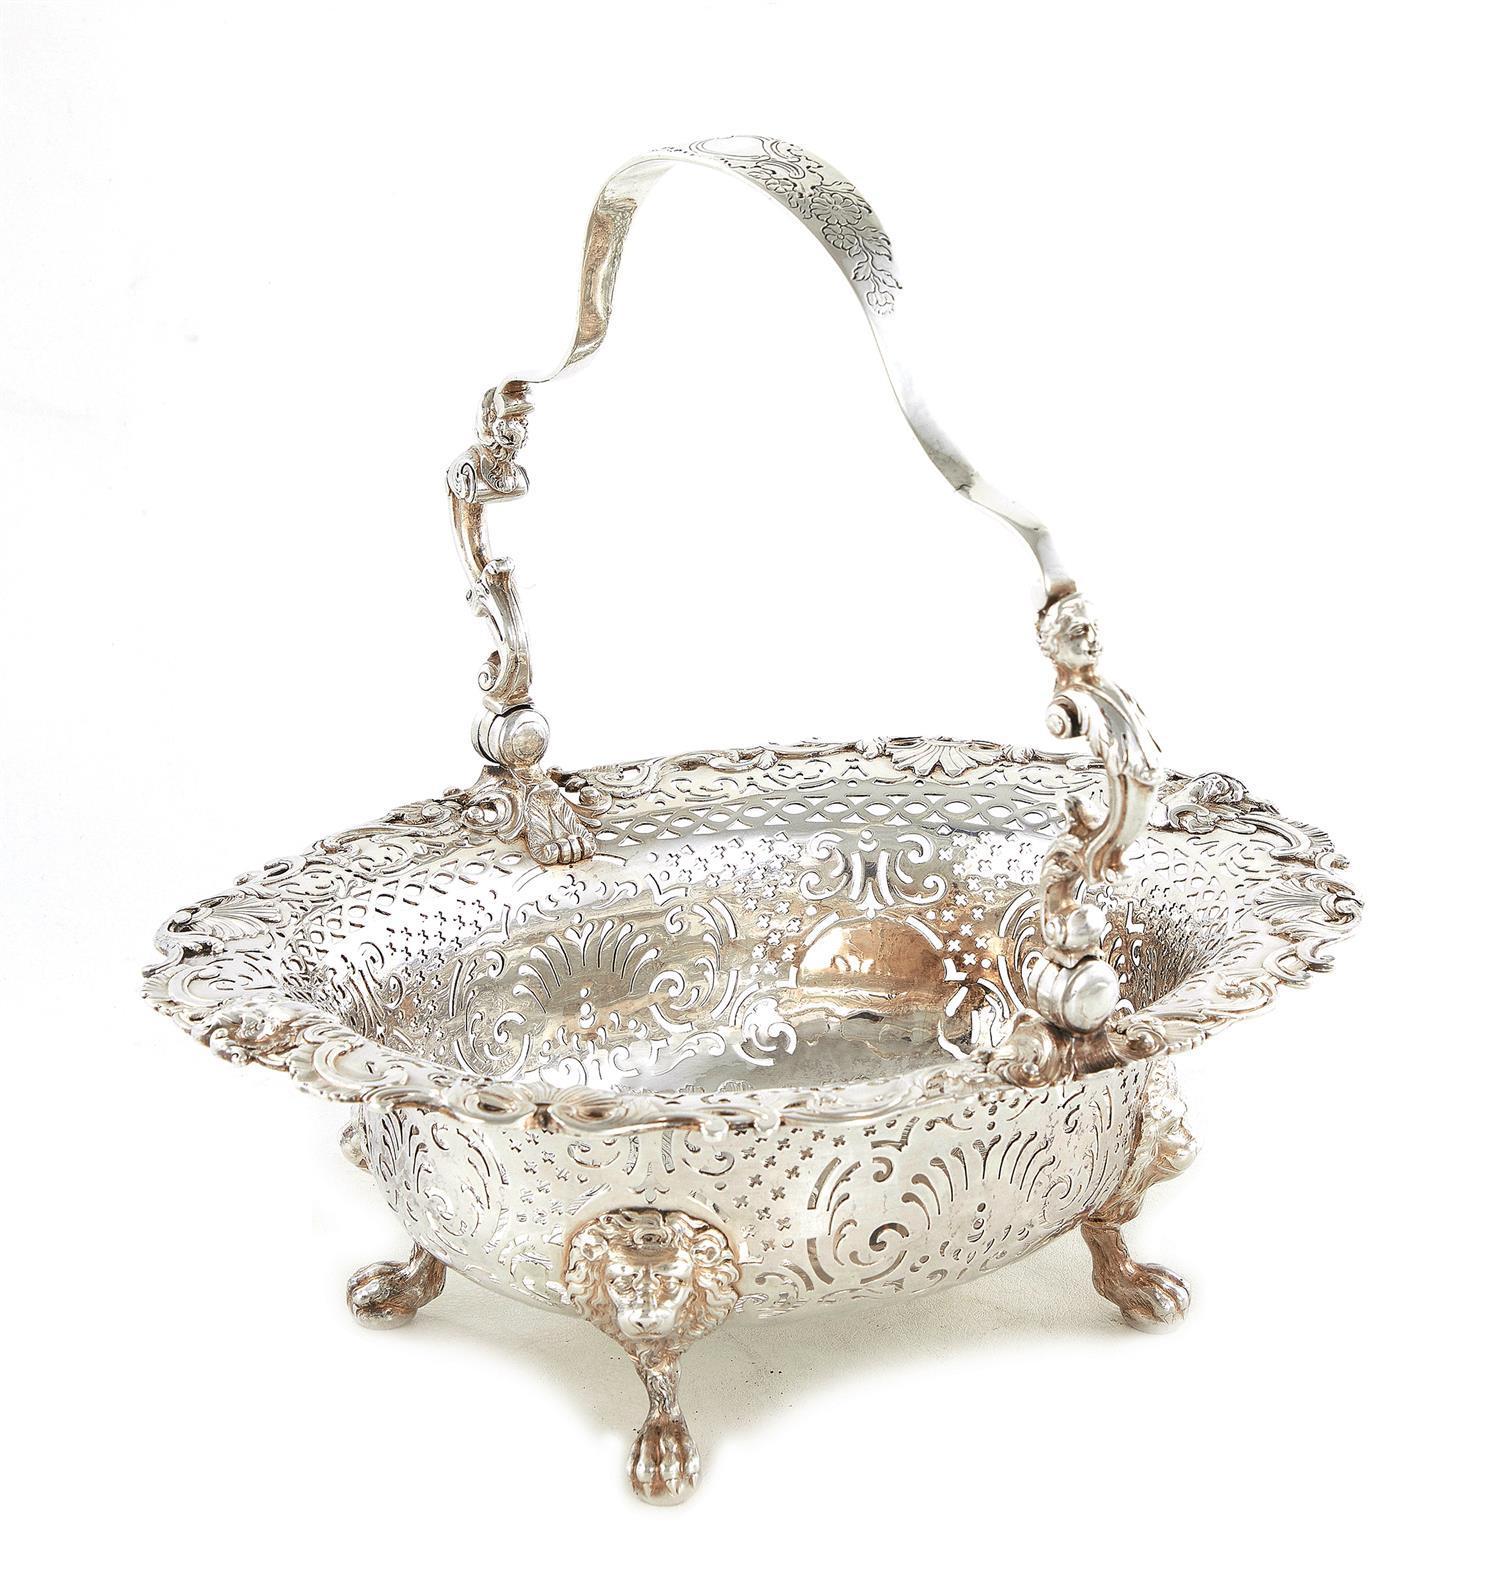 George II silver swing handle basket, Thomas Heming